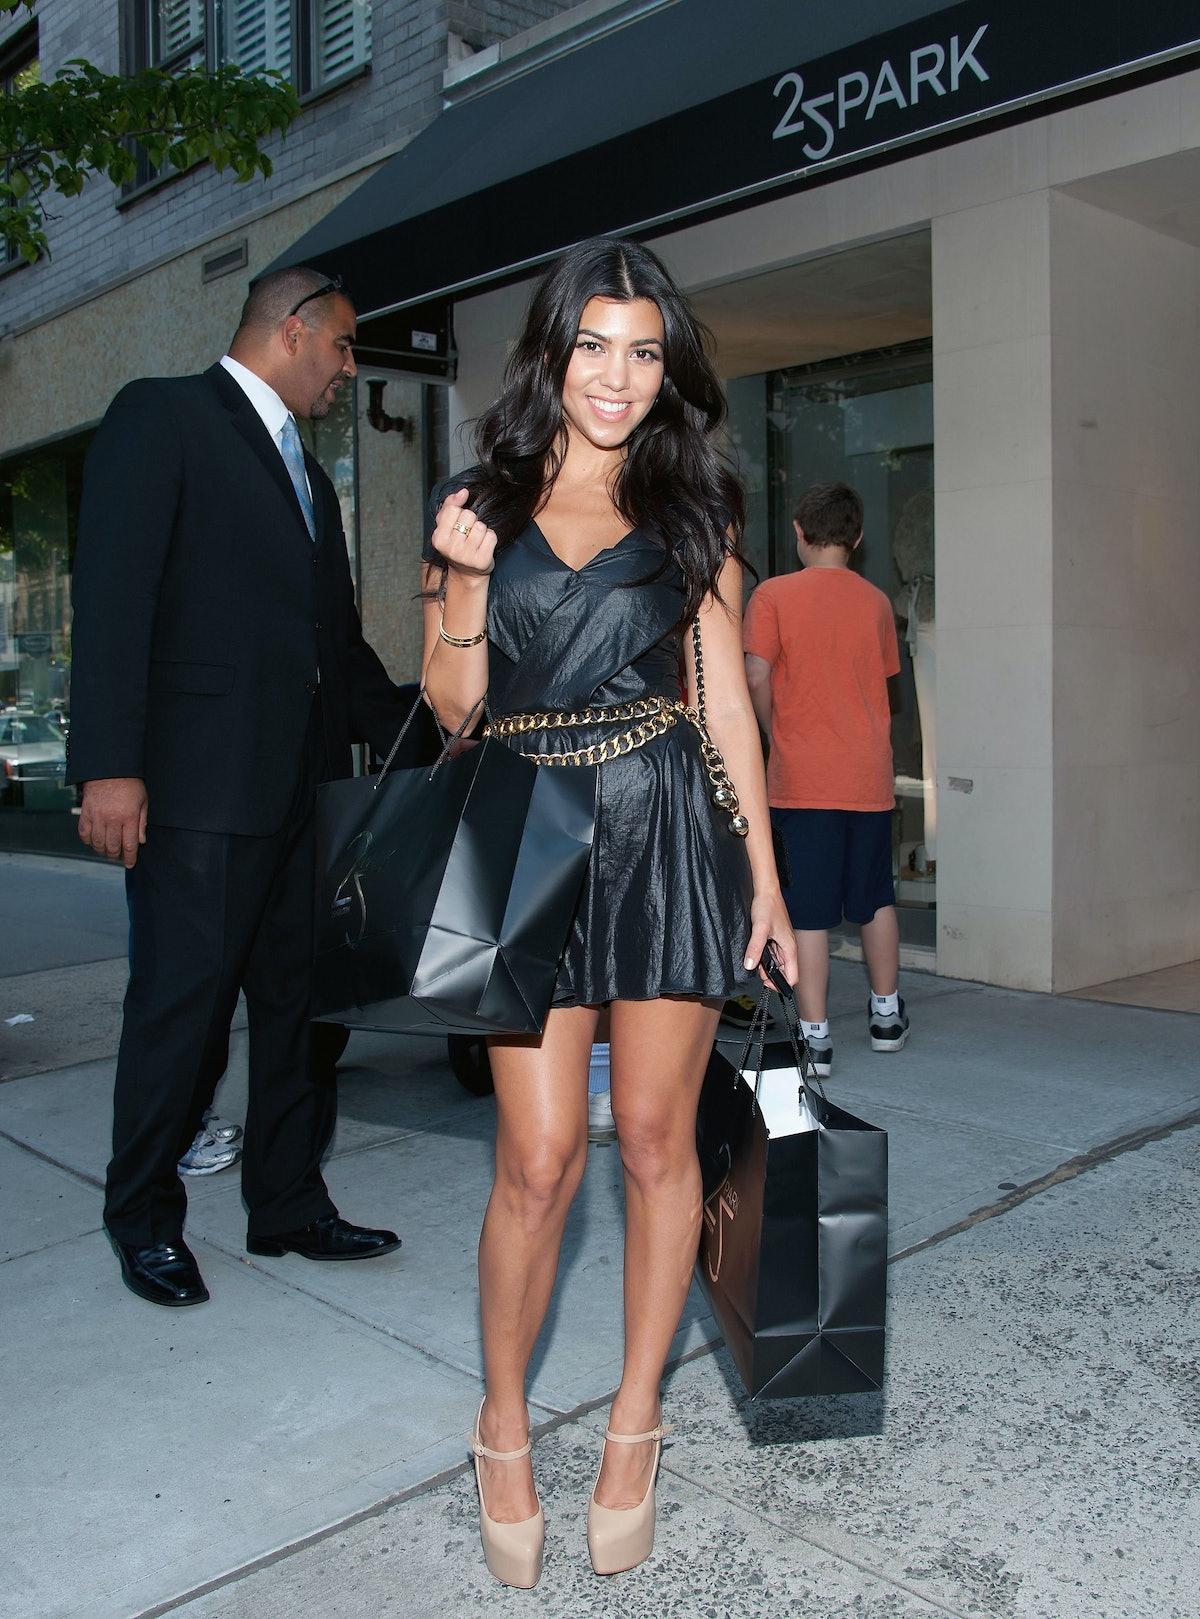 Kourtney & Khloe Kardashian Shop at 25 Park